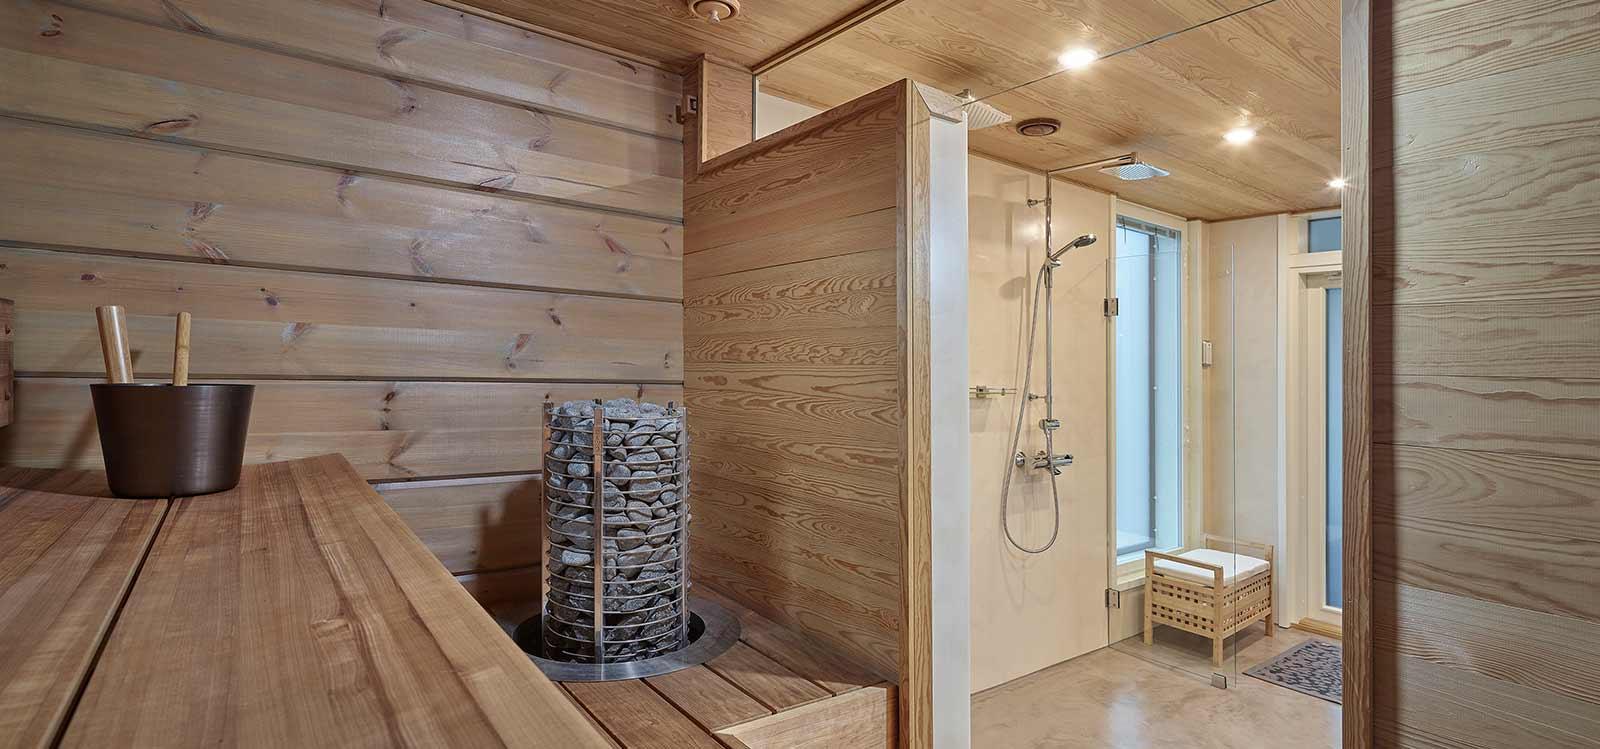 hirsi rakennusmateriaalina sauna